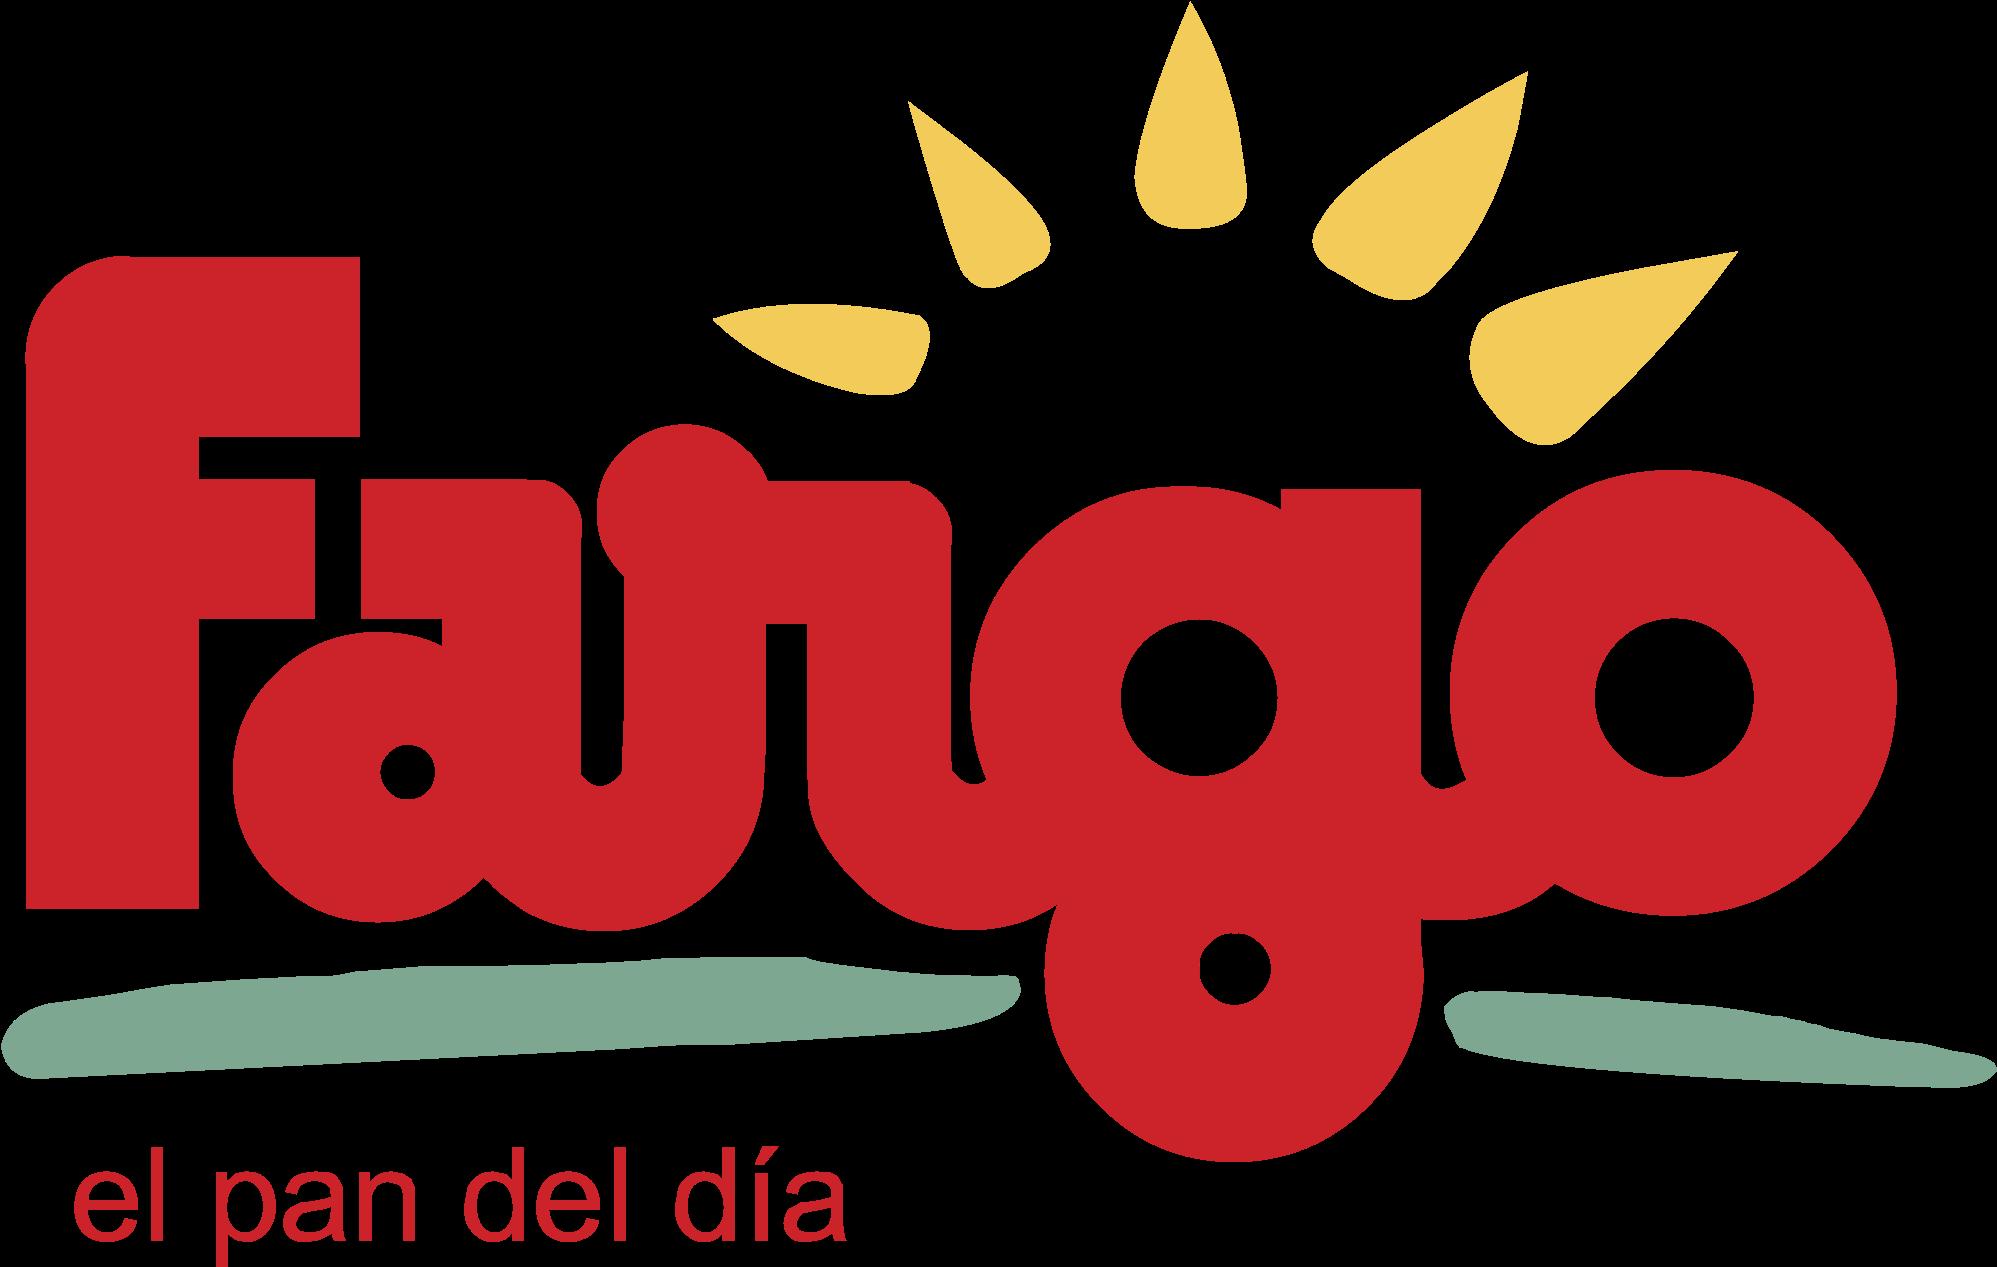 Fargo Free PNG